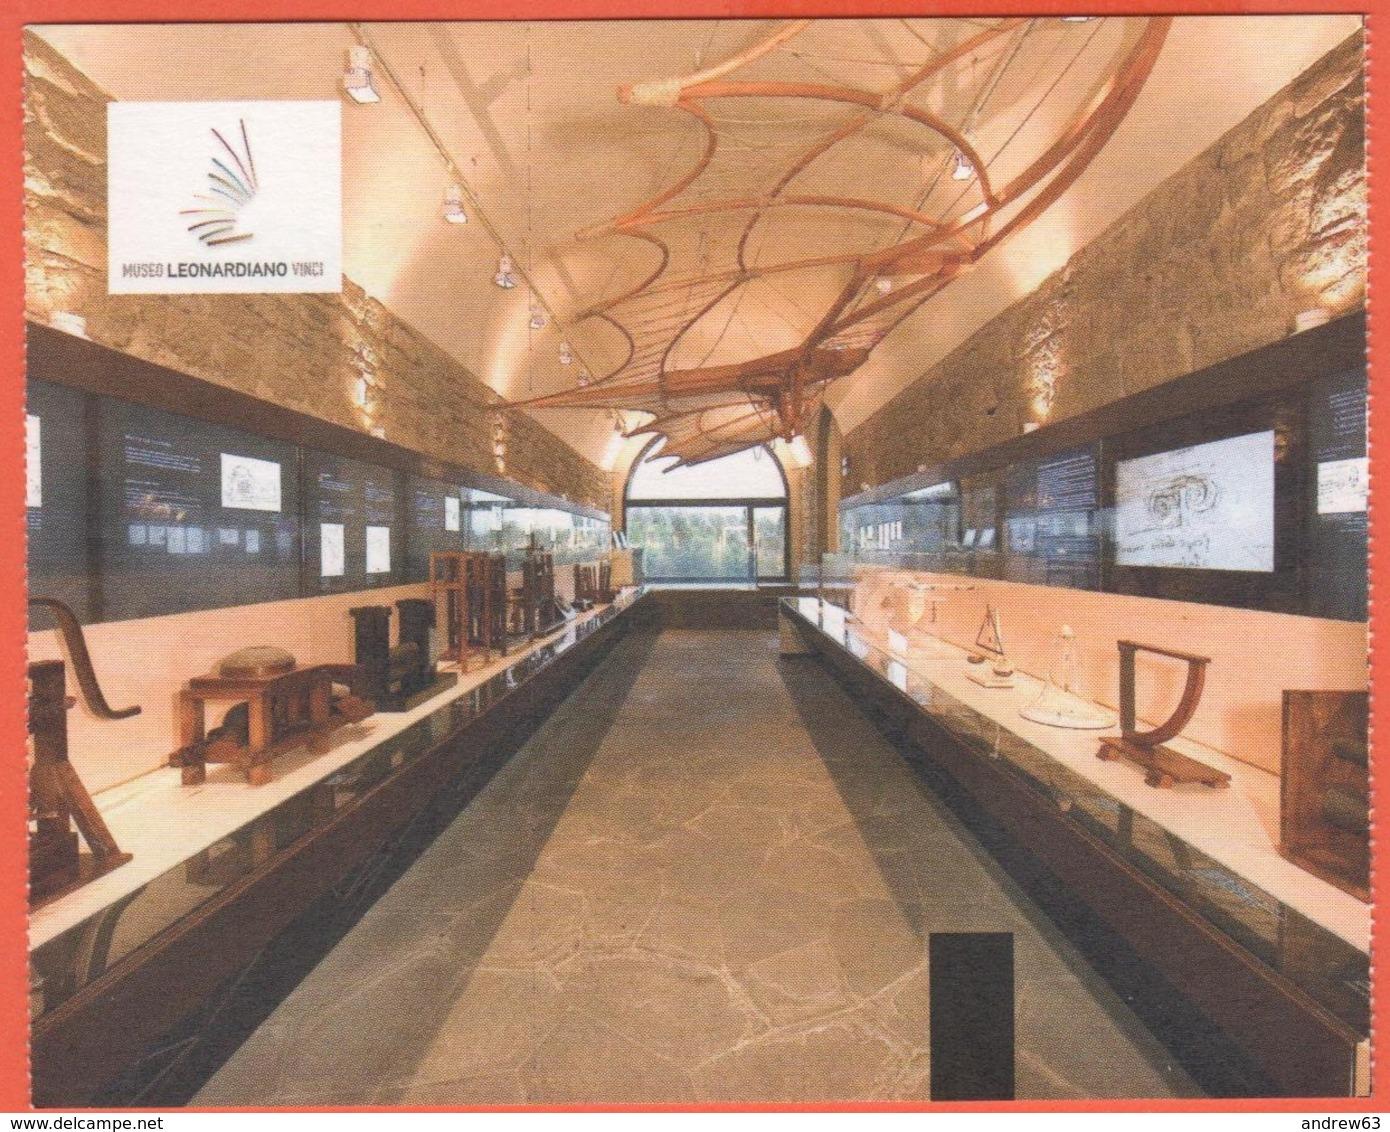 Vinci - Museo Leonardiano - Biglietto D'ingresso Ridotto Soci TCI - Usato - Biglietti D'ingresso